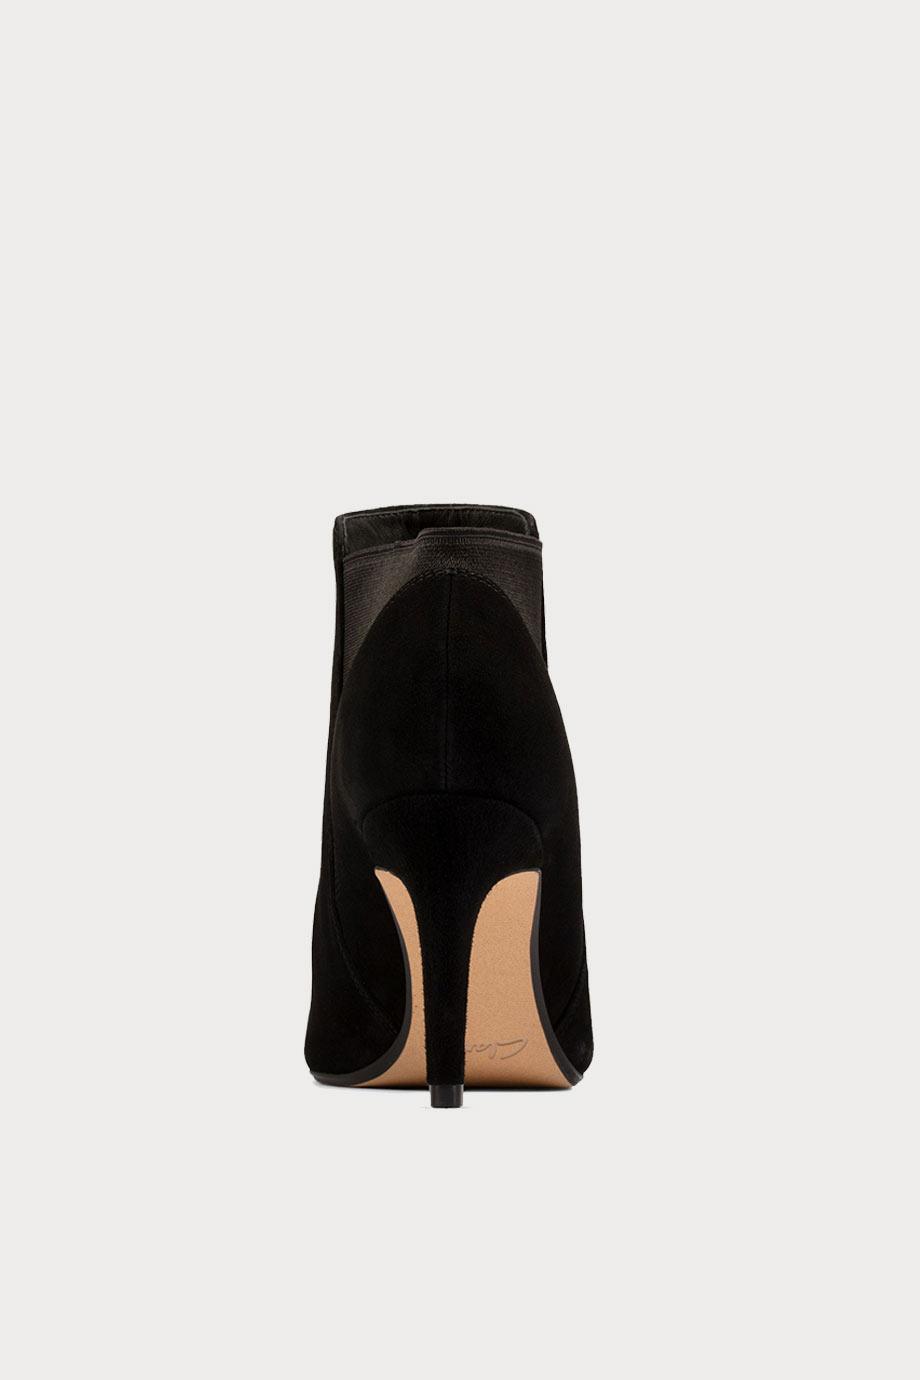 spiridoula metheniti shoes xalkida p laina violet black suede clarks 7